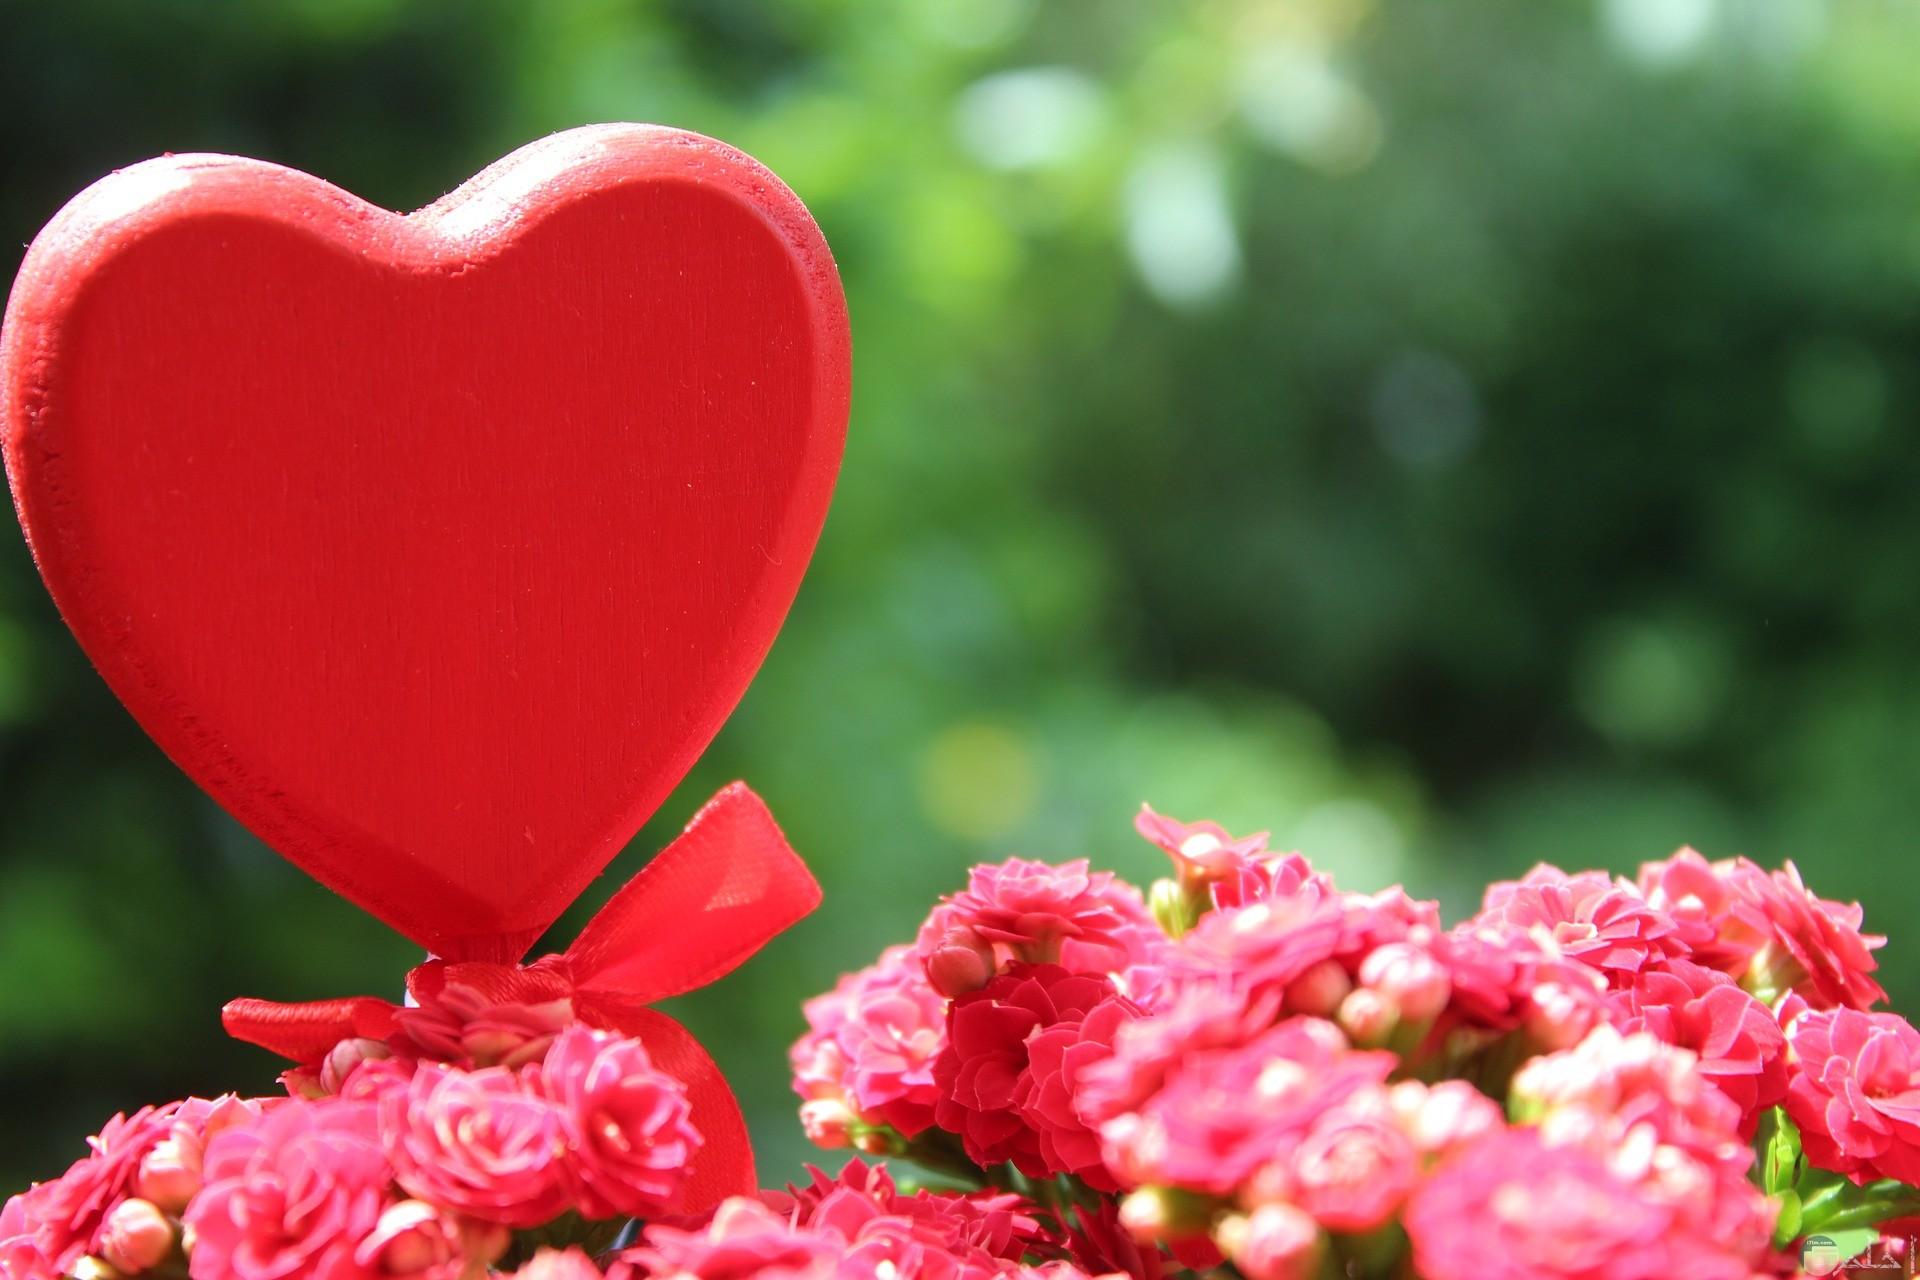 فى القلب نزرع حلو الحب.